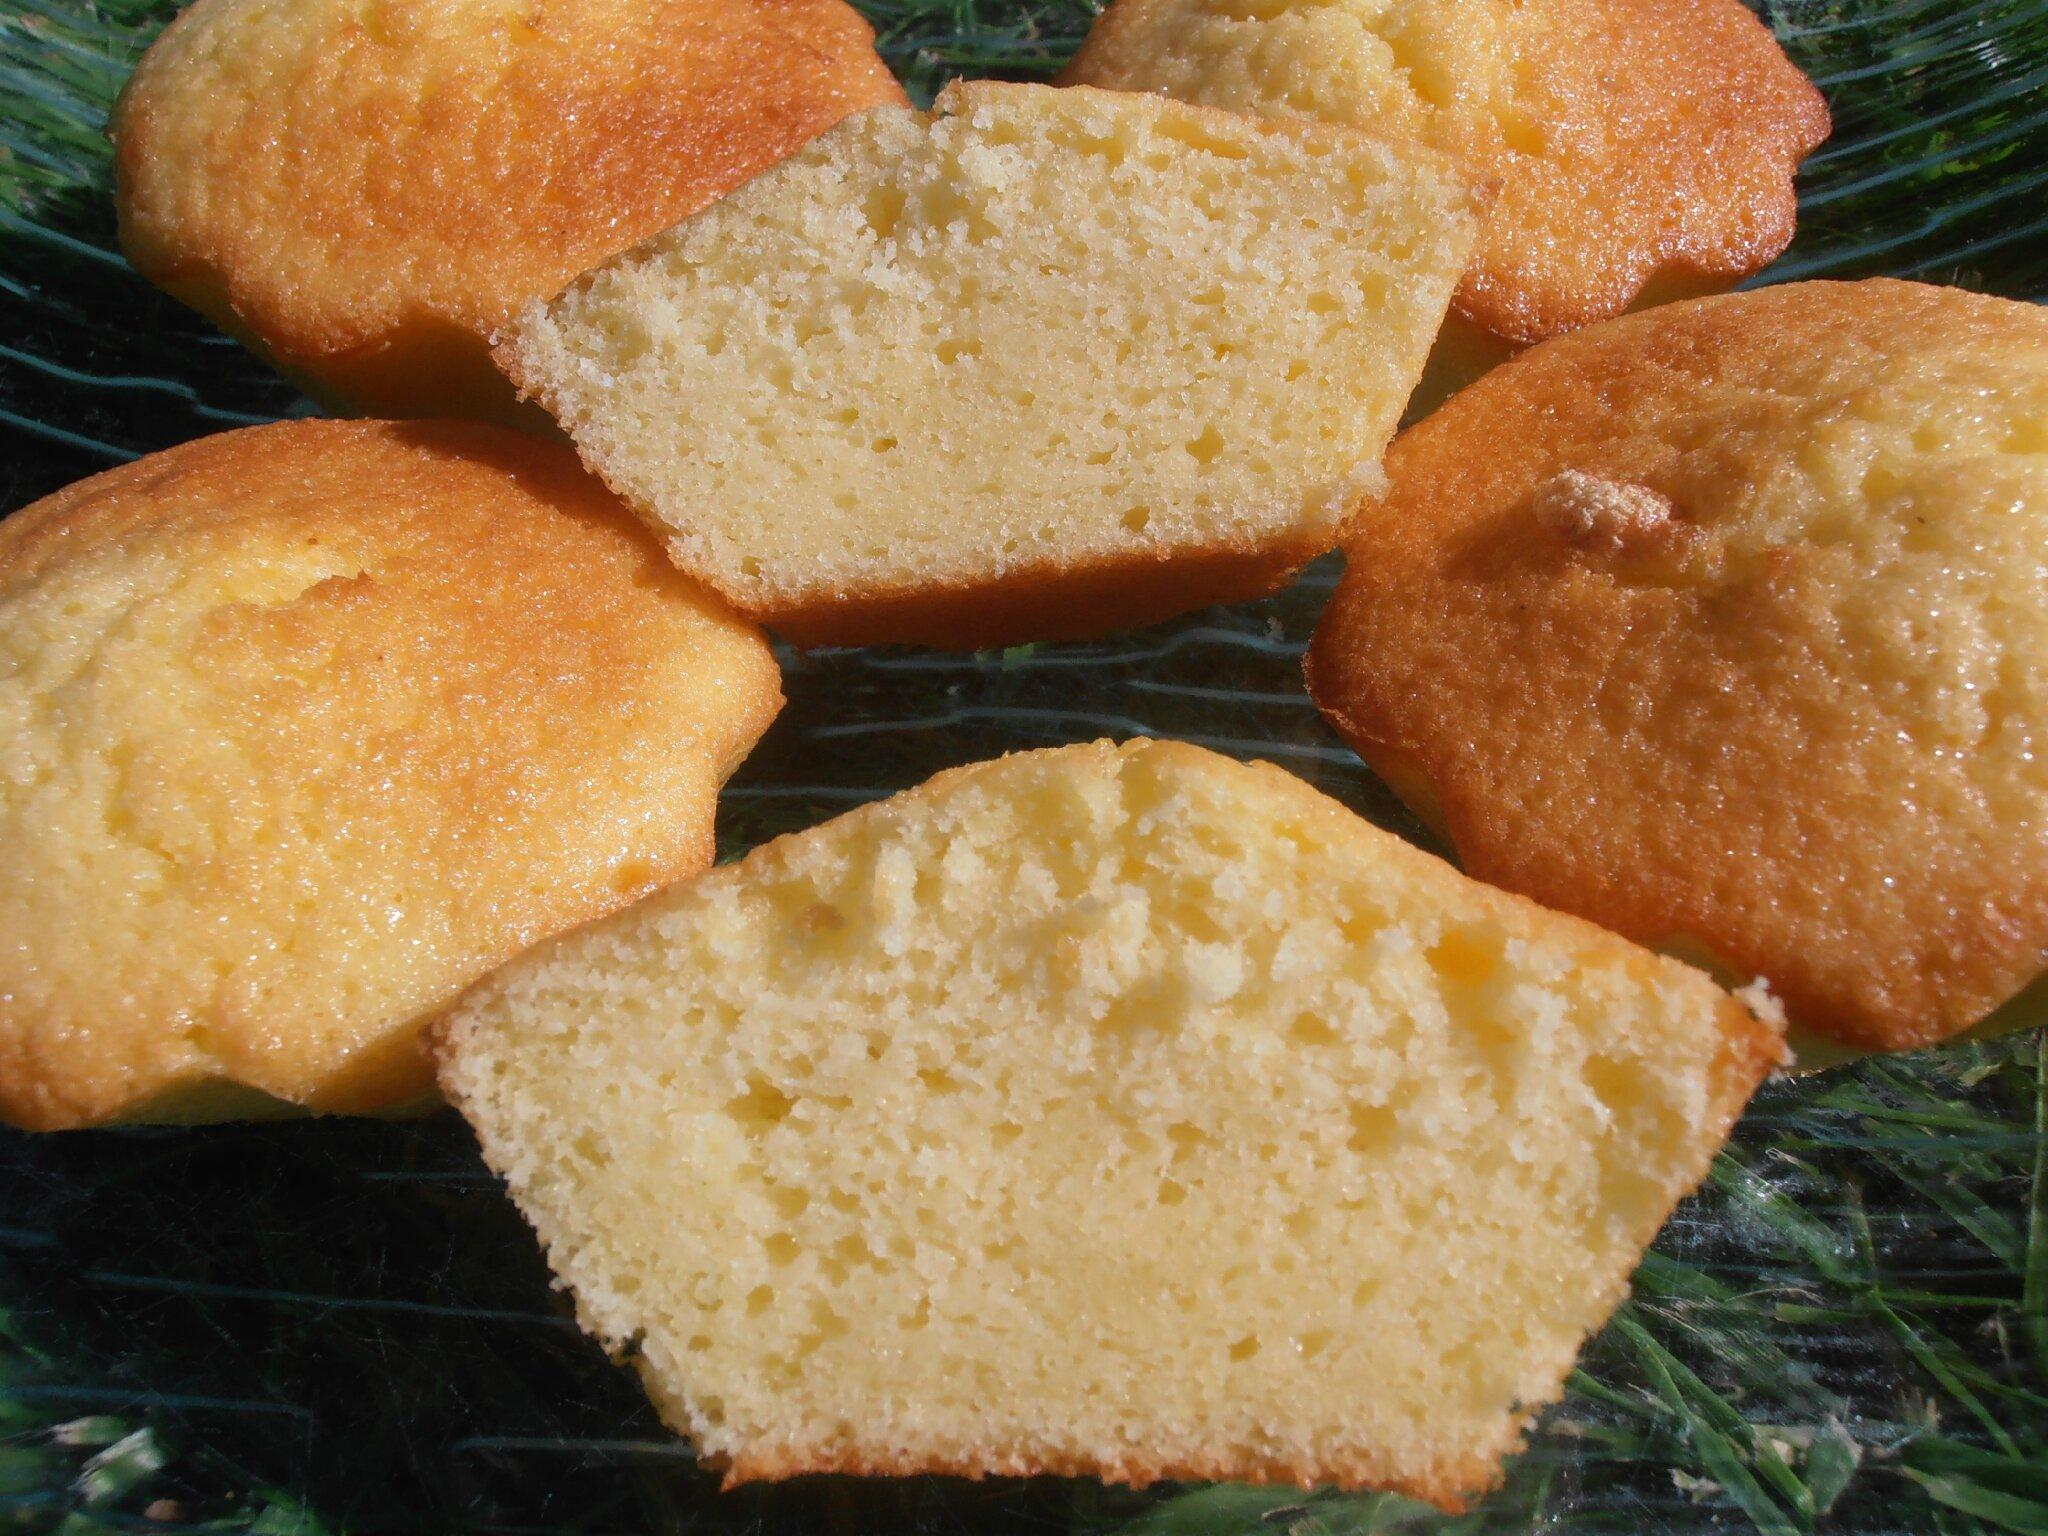 Moelleux mousseux au citron au thermomix ou non la cuisine d 39 angelle - Oeuf en neige thermomix ...